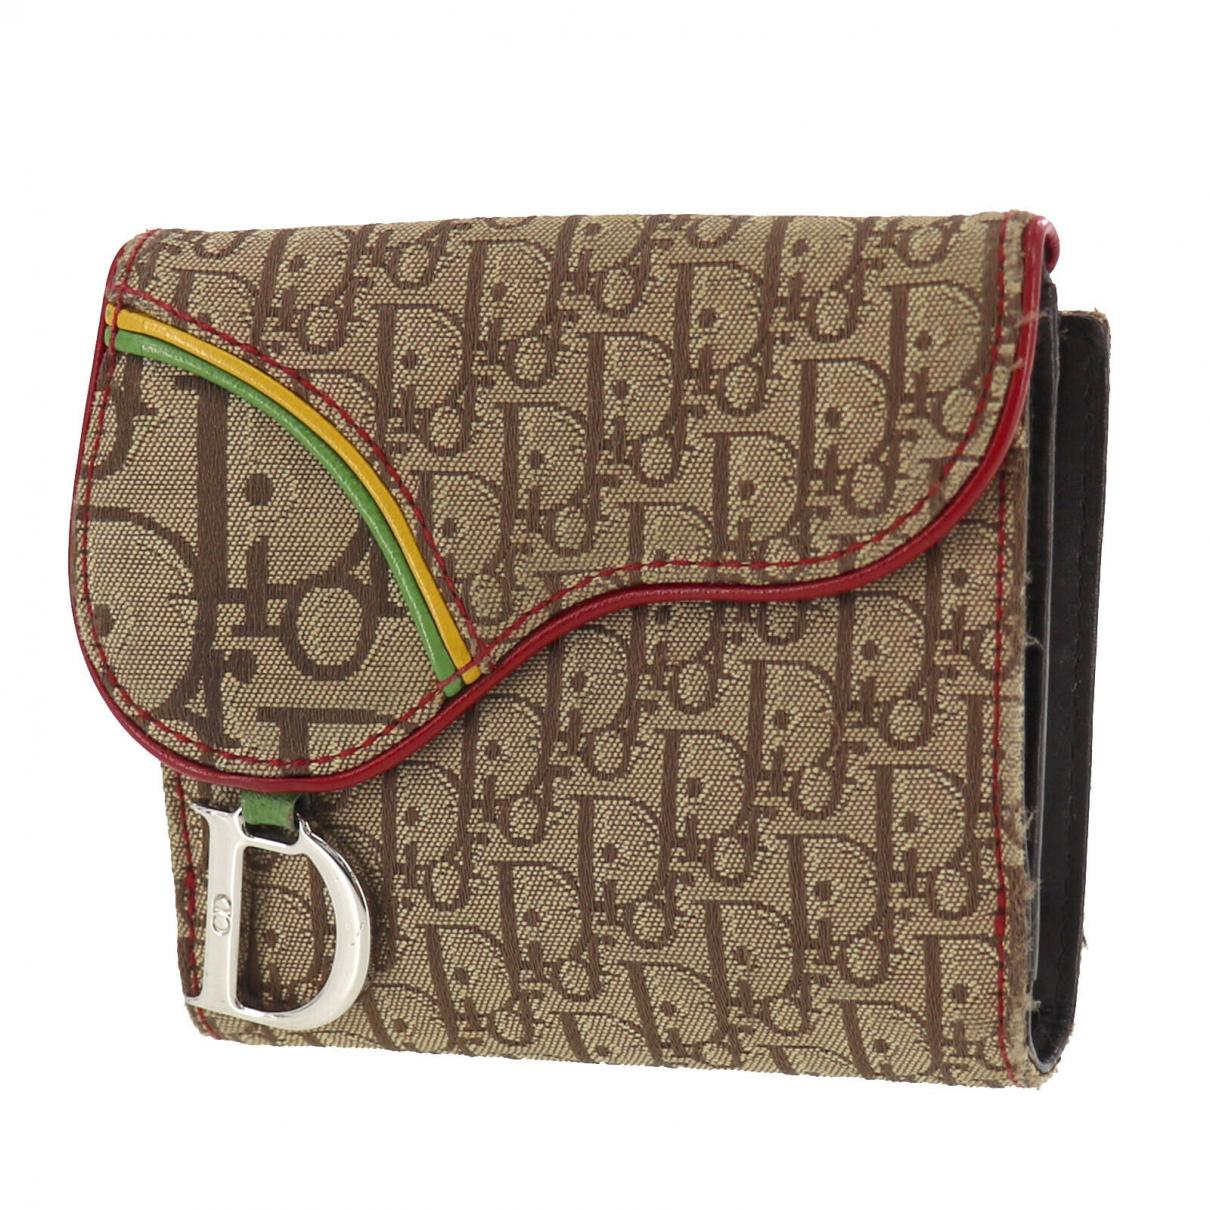 Christian Dior - Portefeuille   pour femme en cuir verni - marron